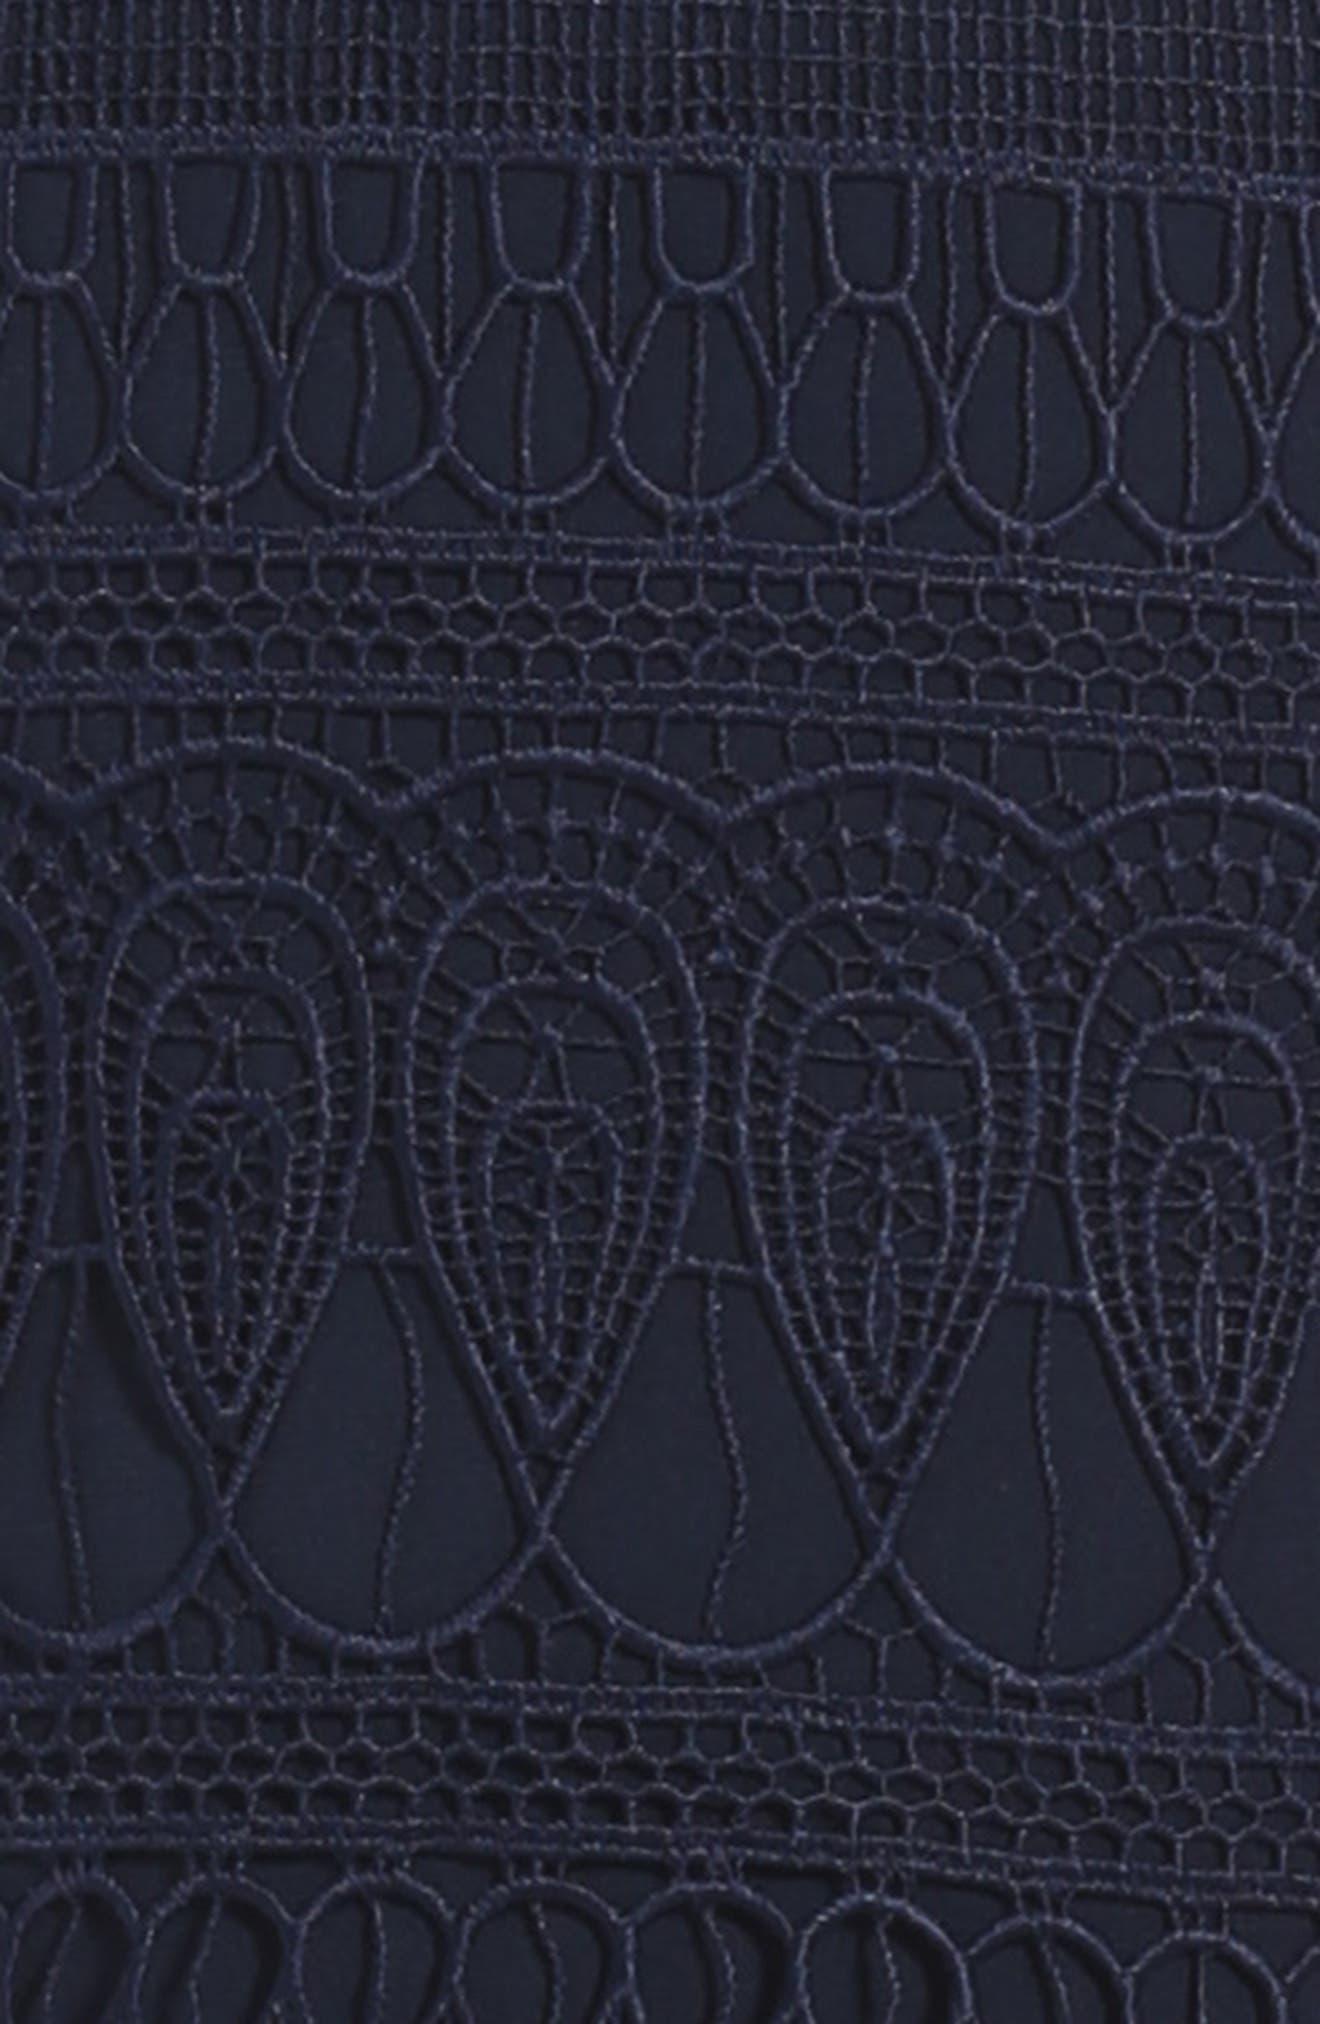 Junior Linear Lace Dress,                             Alternate thumbnail 3, color,                             411